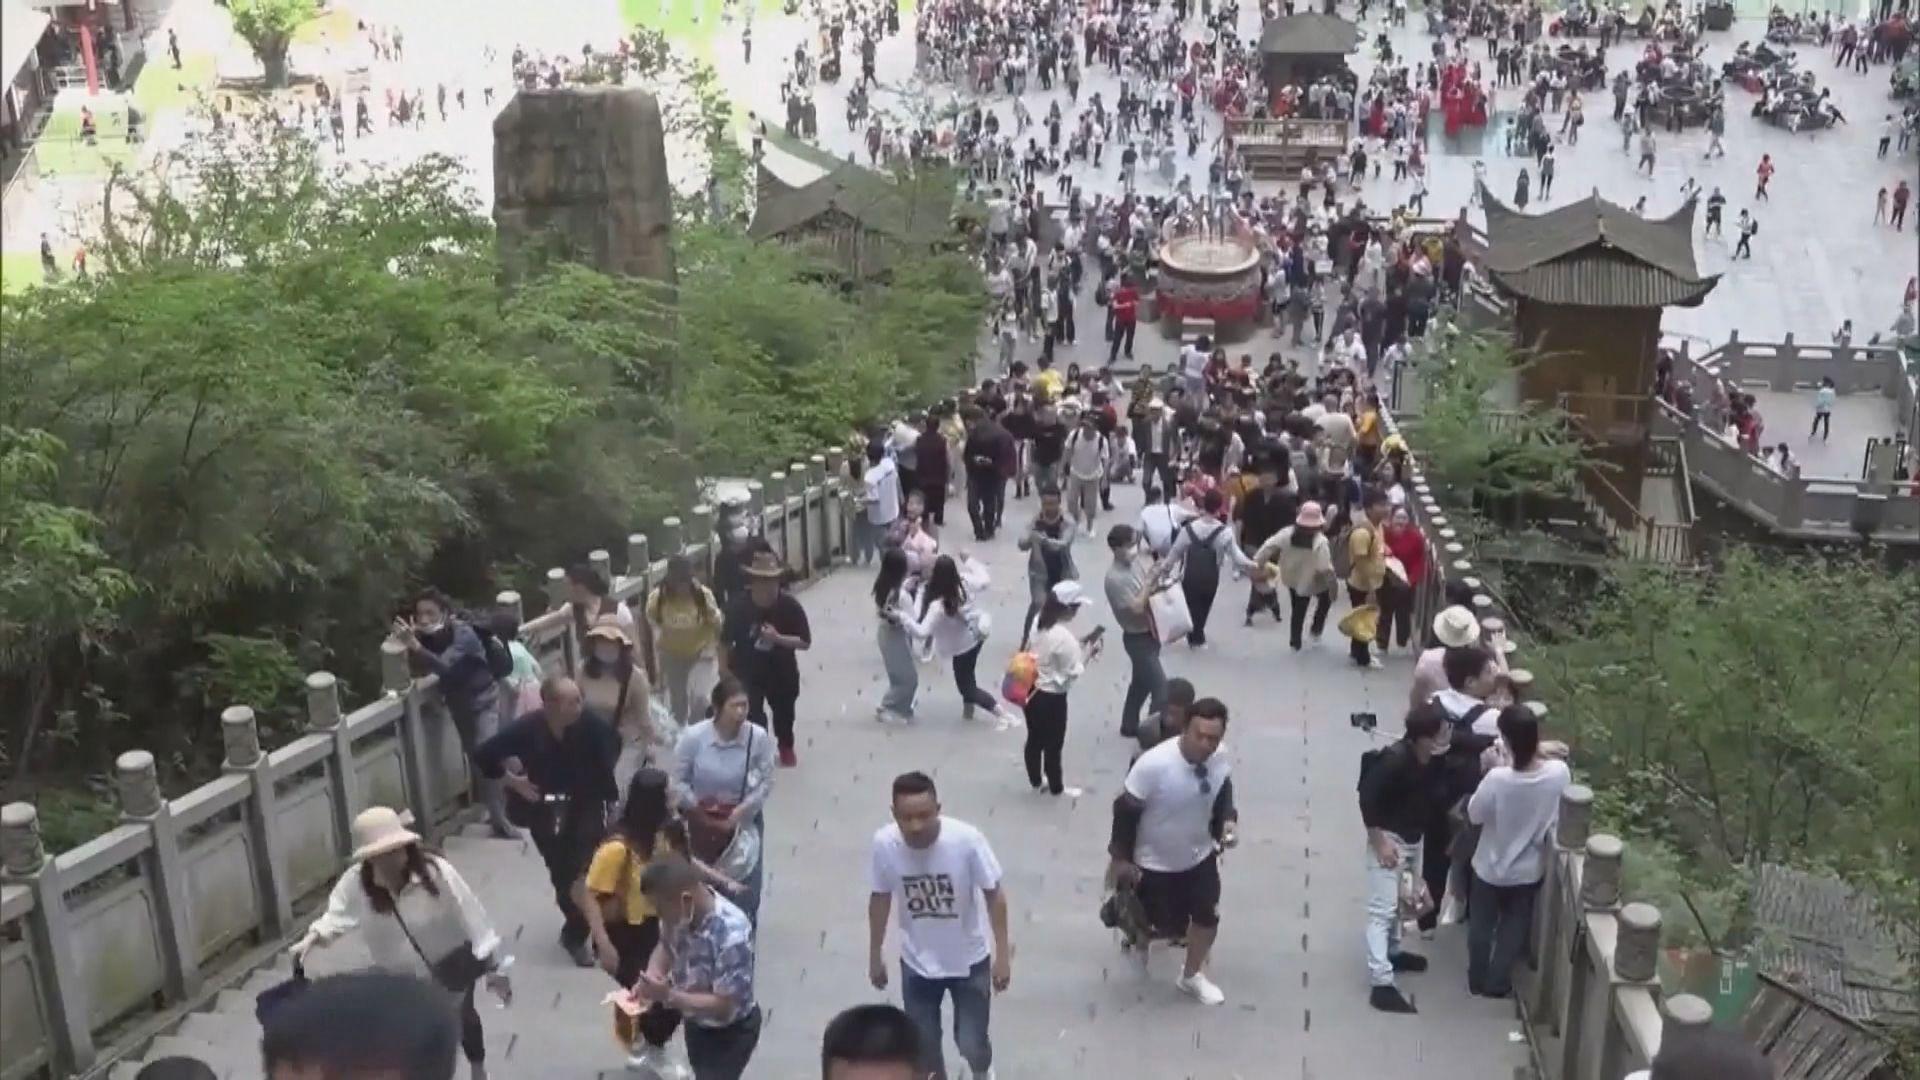 內地五一假期2.3億人出遊 旅遊收入恢復至接近疫前水平